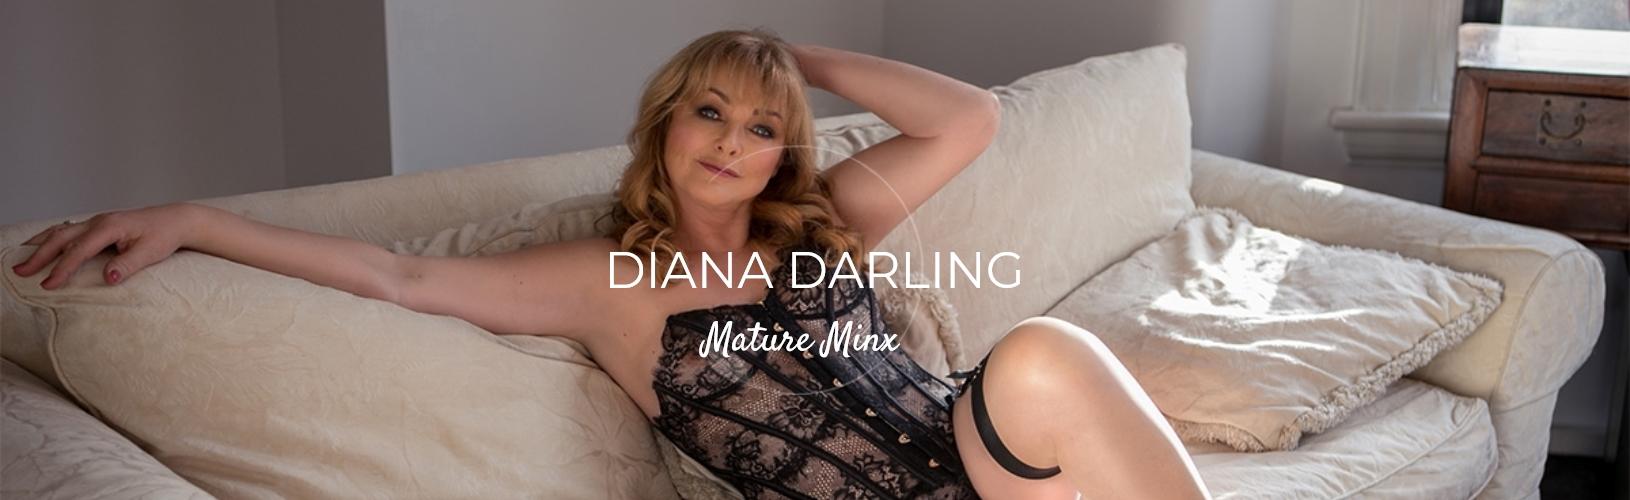 Private Brisbane Escort | Diana Darling